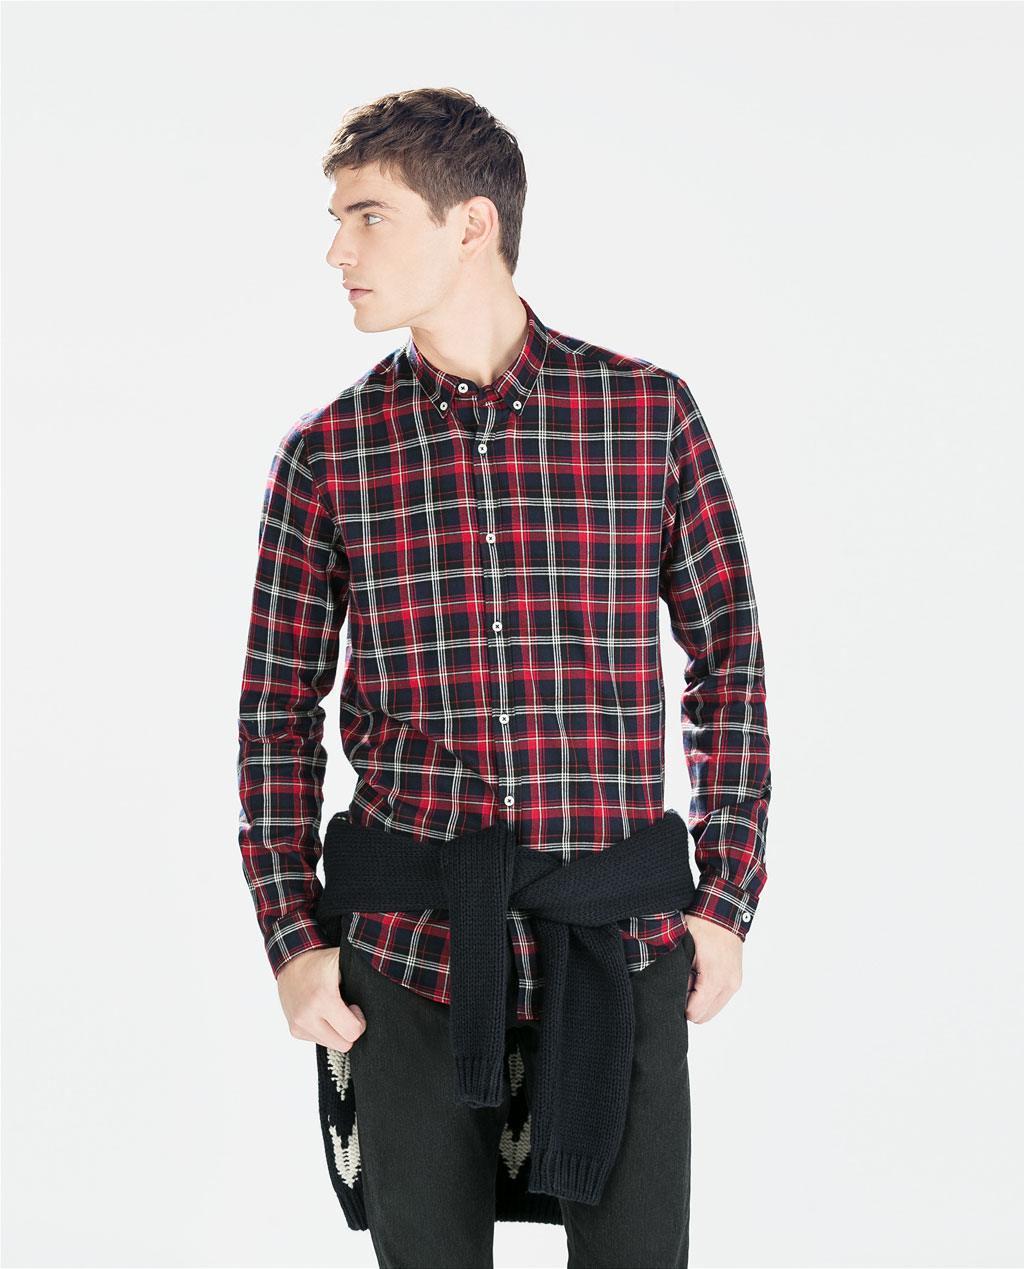 tendencias-camisas-hombre-2015-camisa-de-cuadros-de-zara